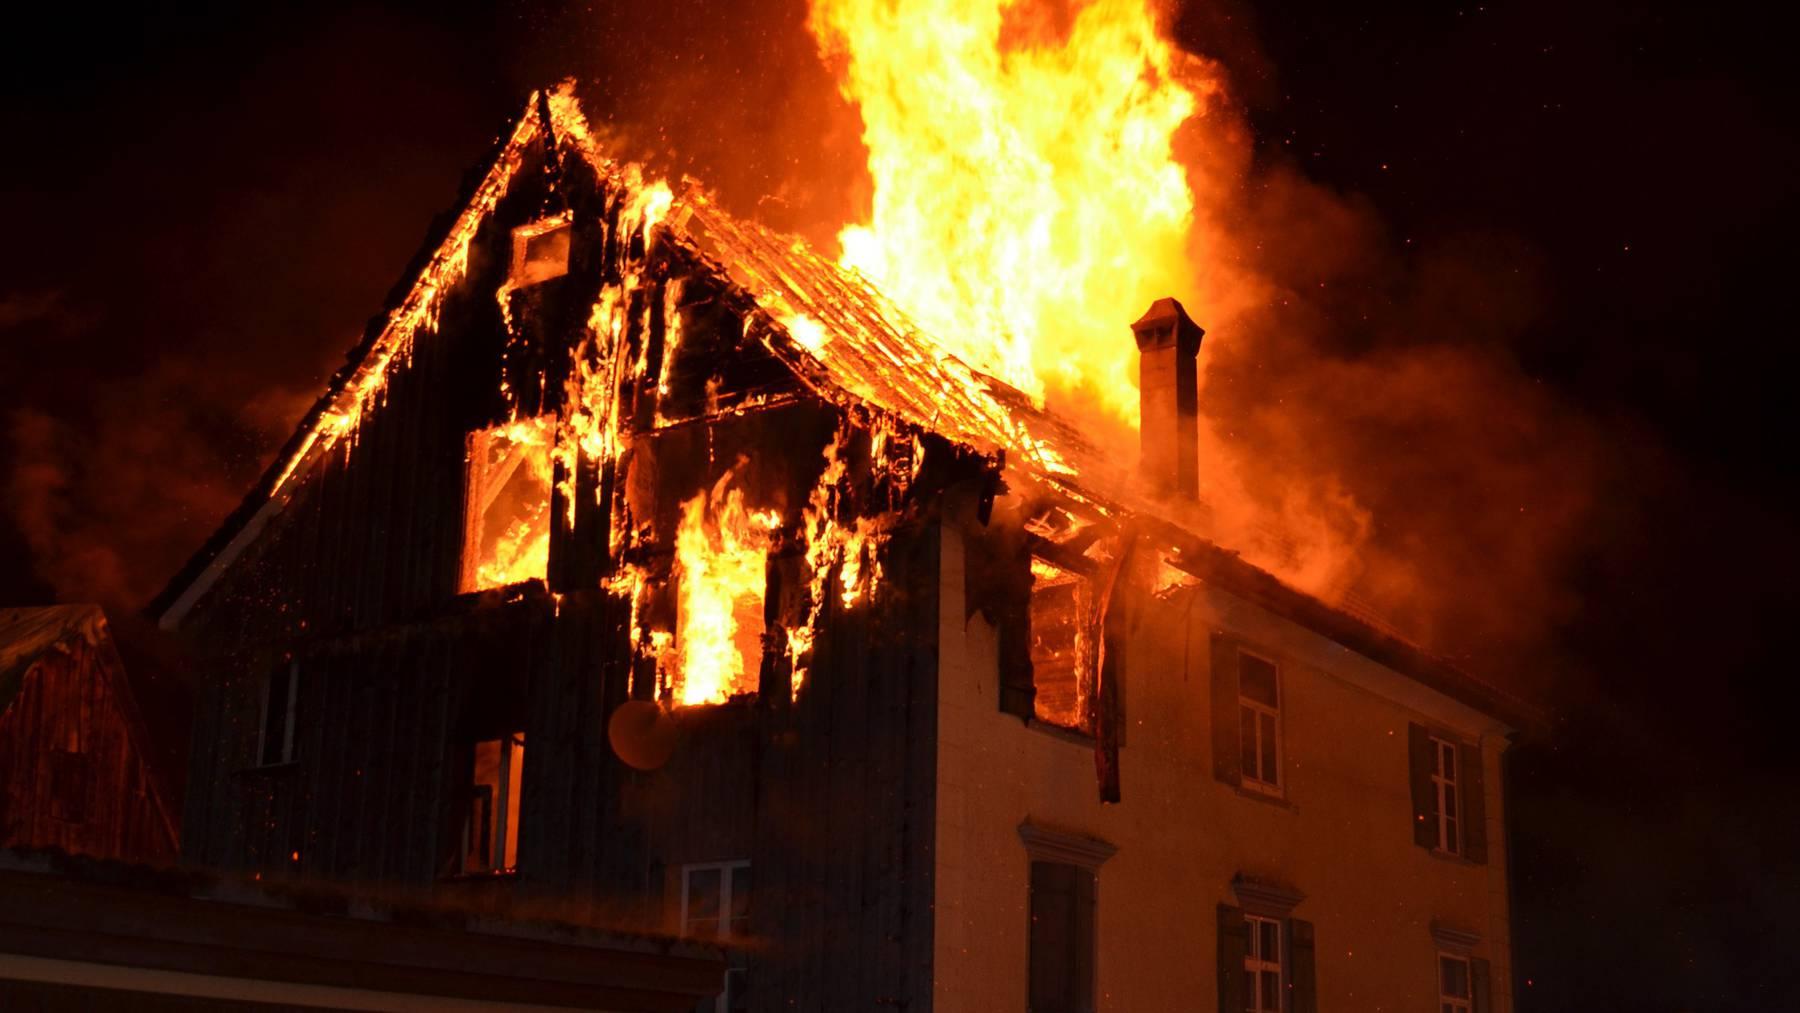 Das Haus in Flammen